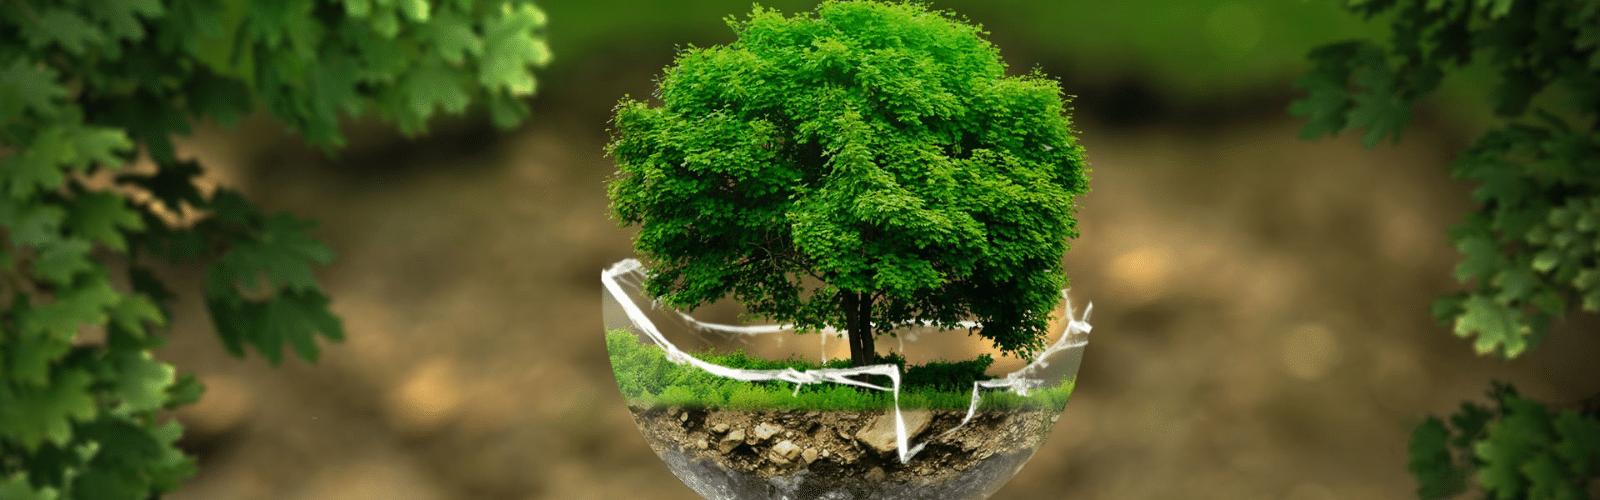 Écologie : comment initier les enfants aux bons gestes écolos ?